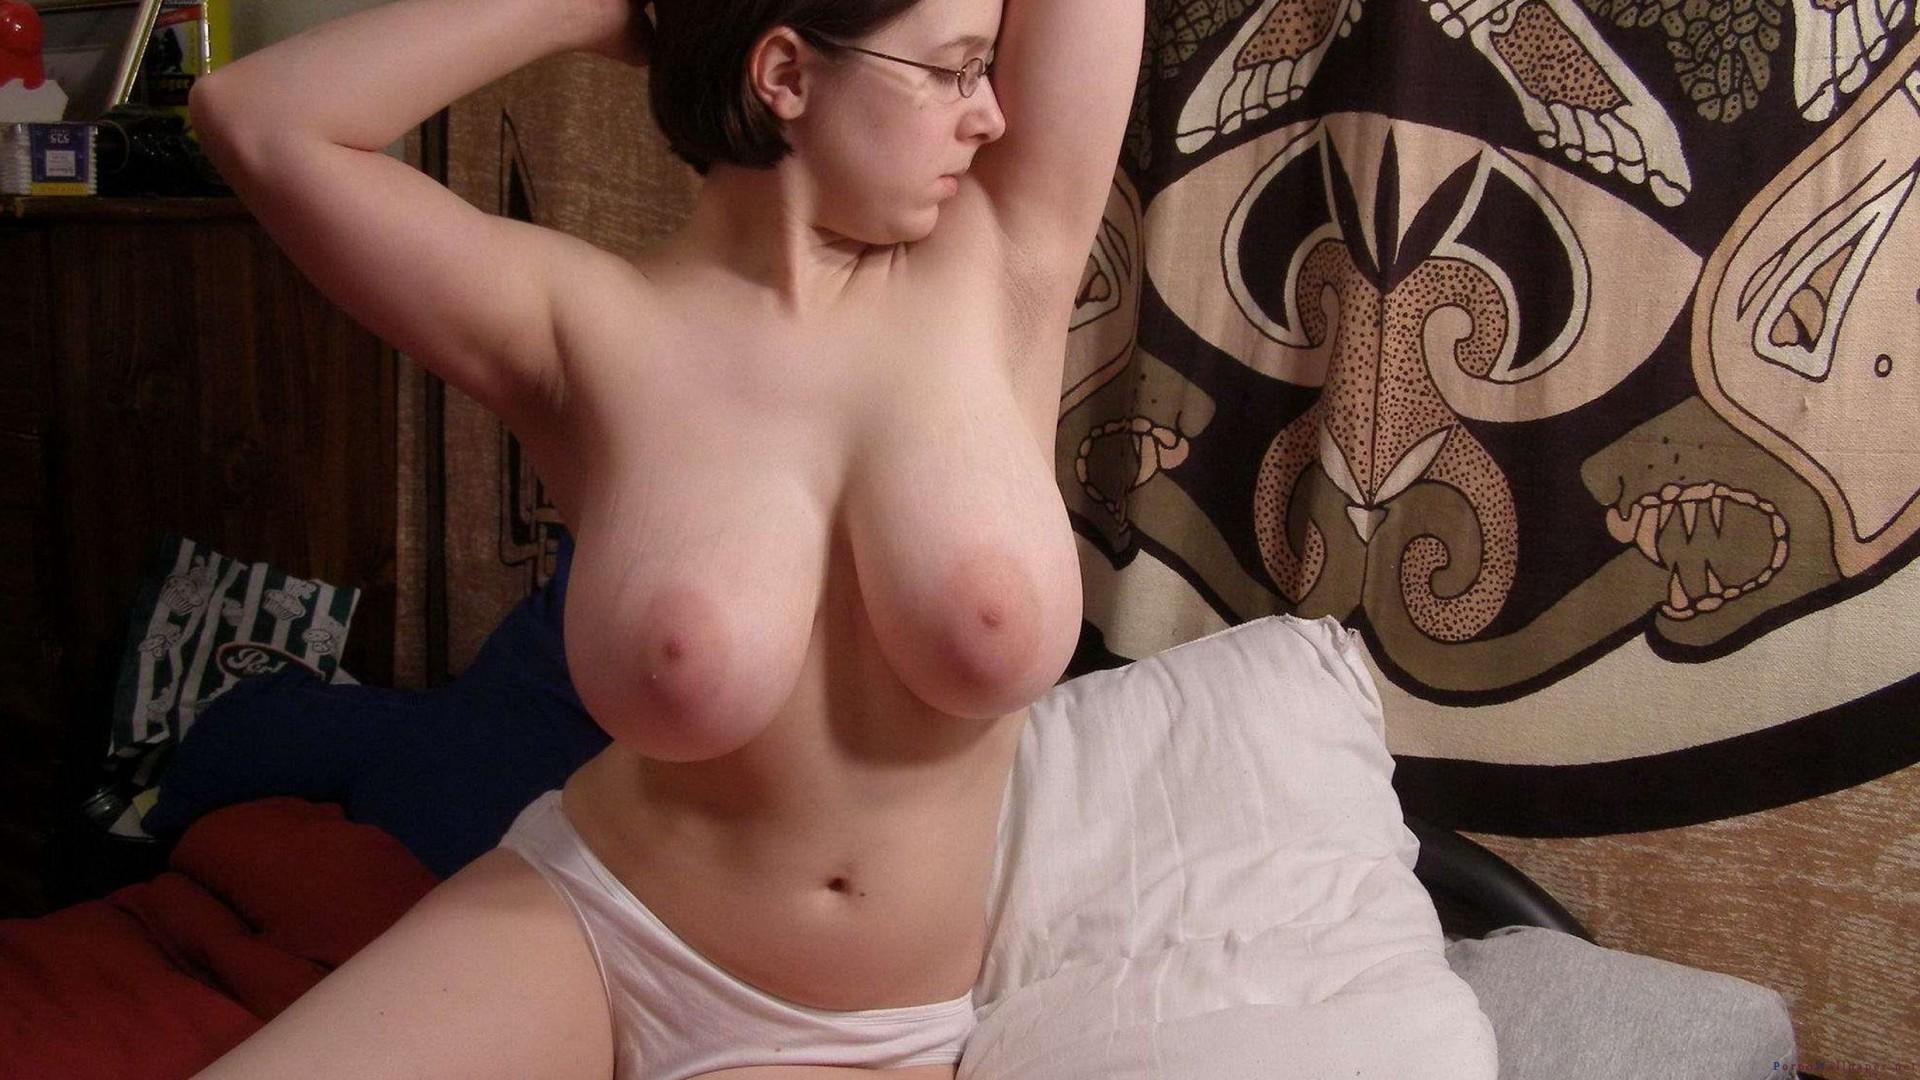 Смотреть онлайн бесплатно русские сисястые мамочки, Порно мамки, милфы, русские мамочки бесплатно 9 фотография